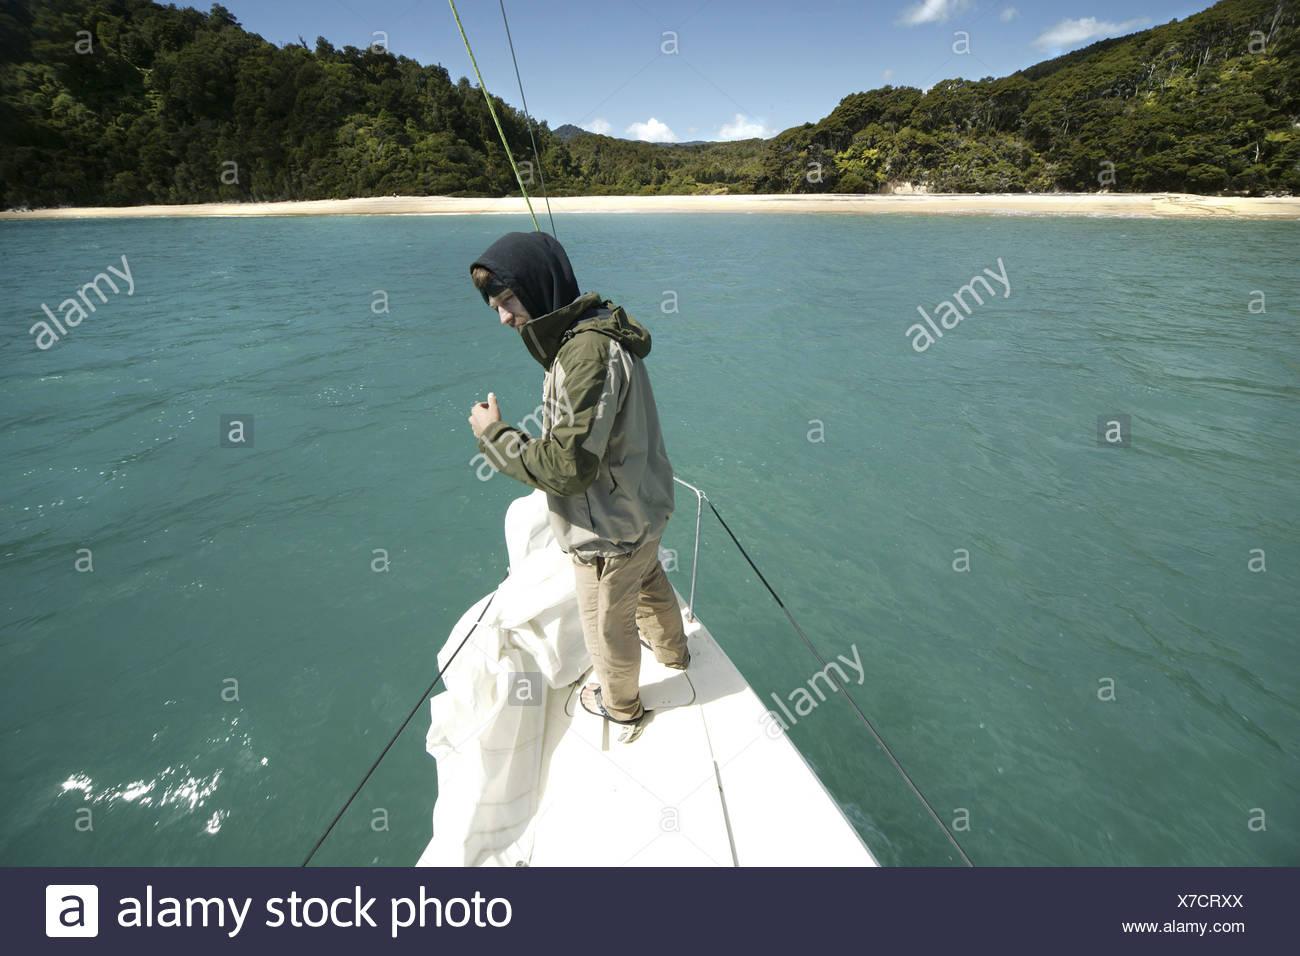 man at bow of a sailboat - Stock Image